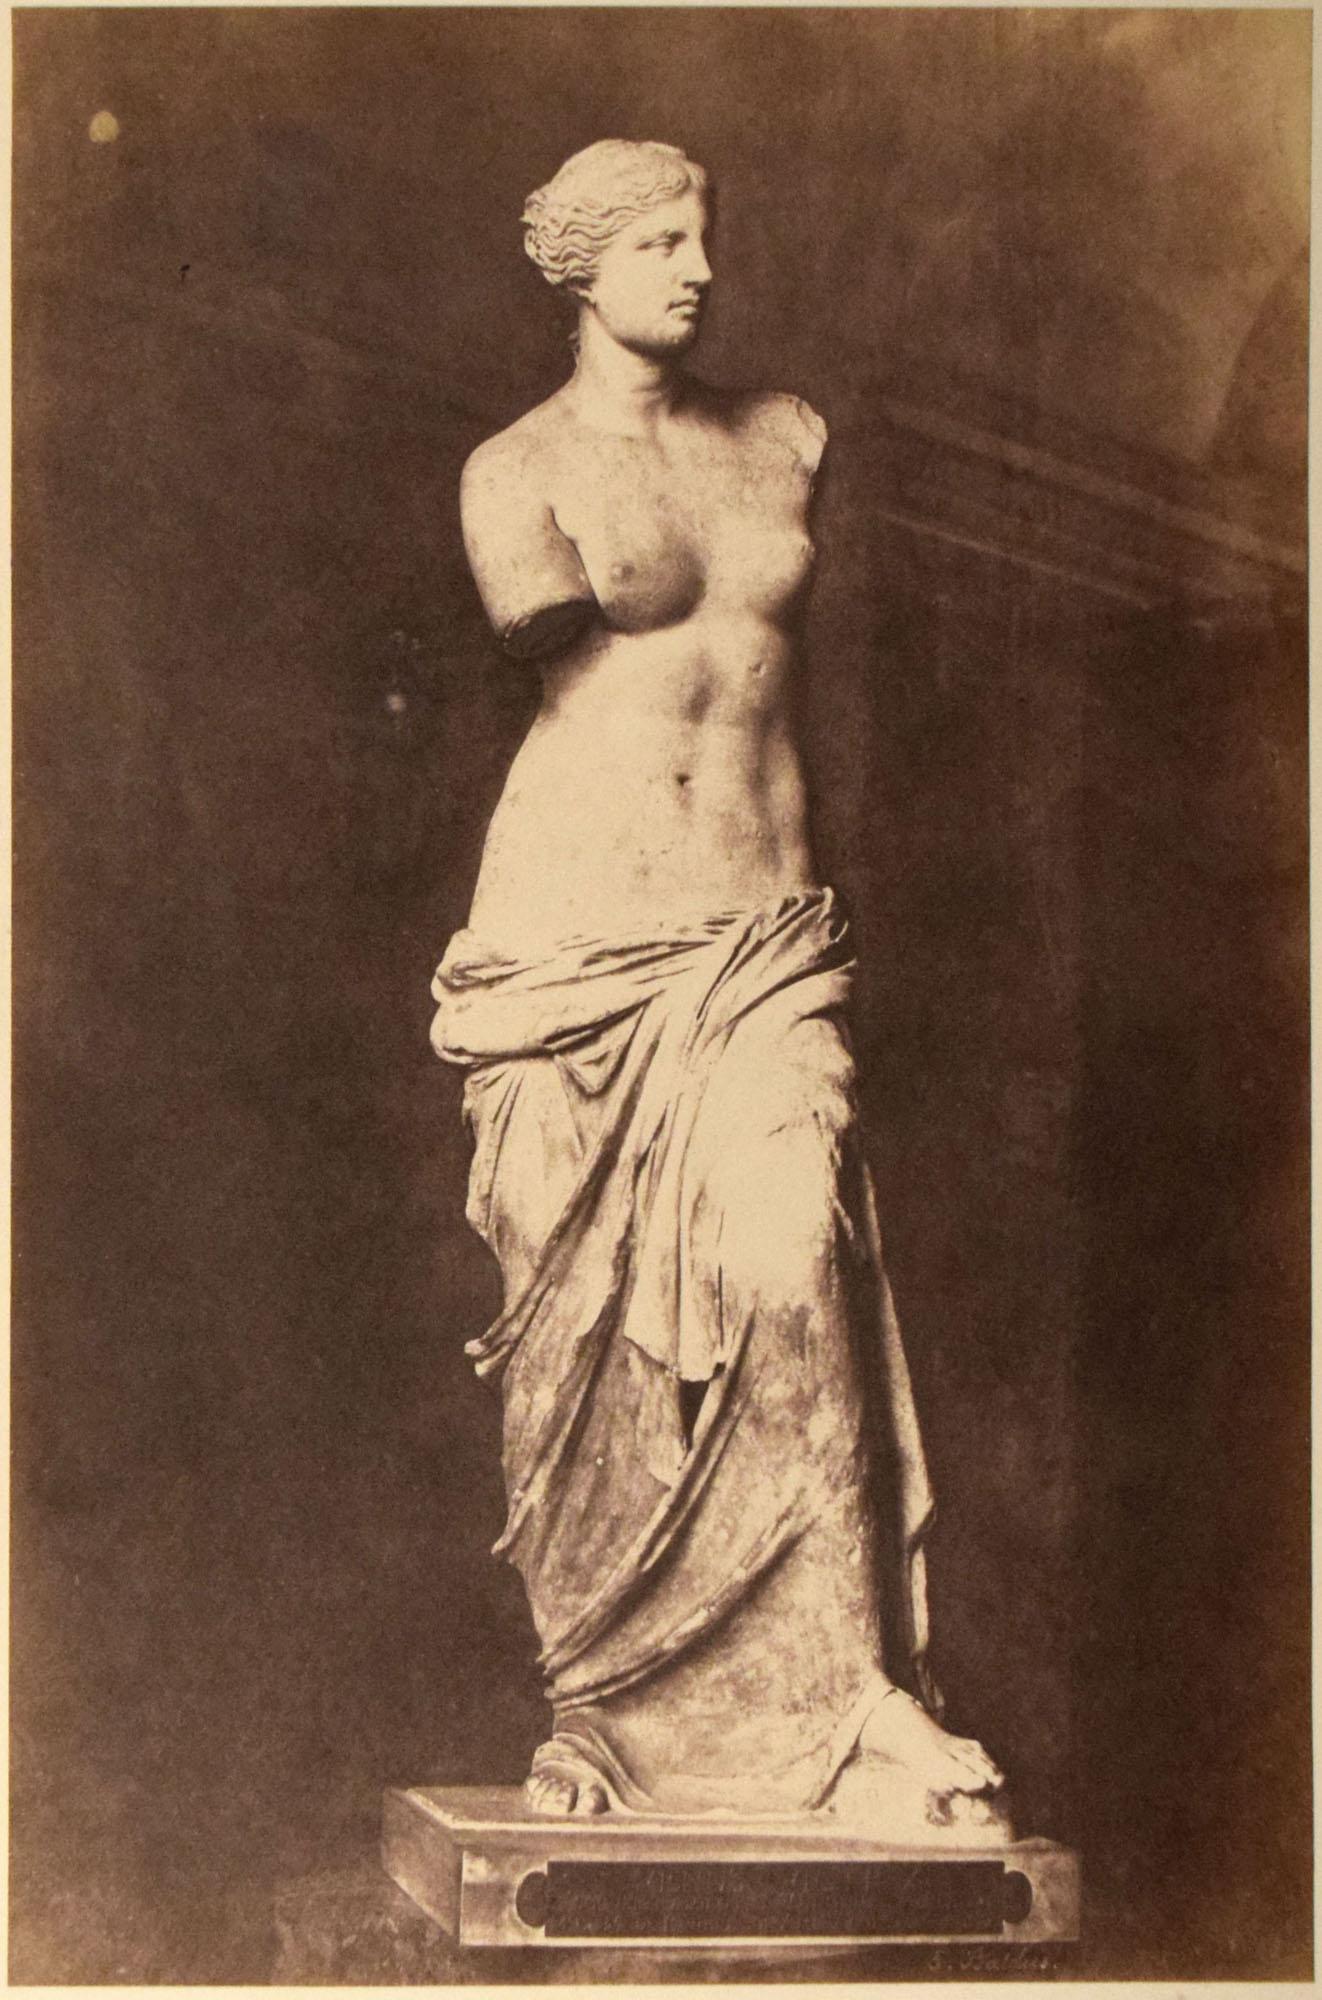 Édouard-Denis Baldus, Venus de Milo,circa 1865. The Louvre.